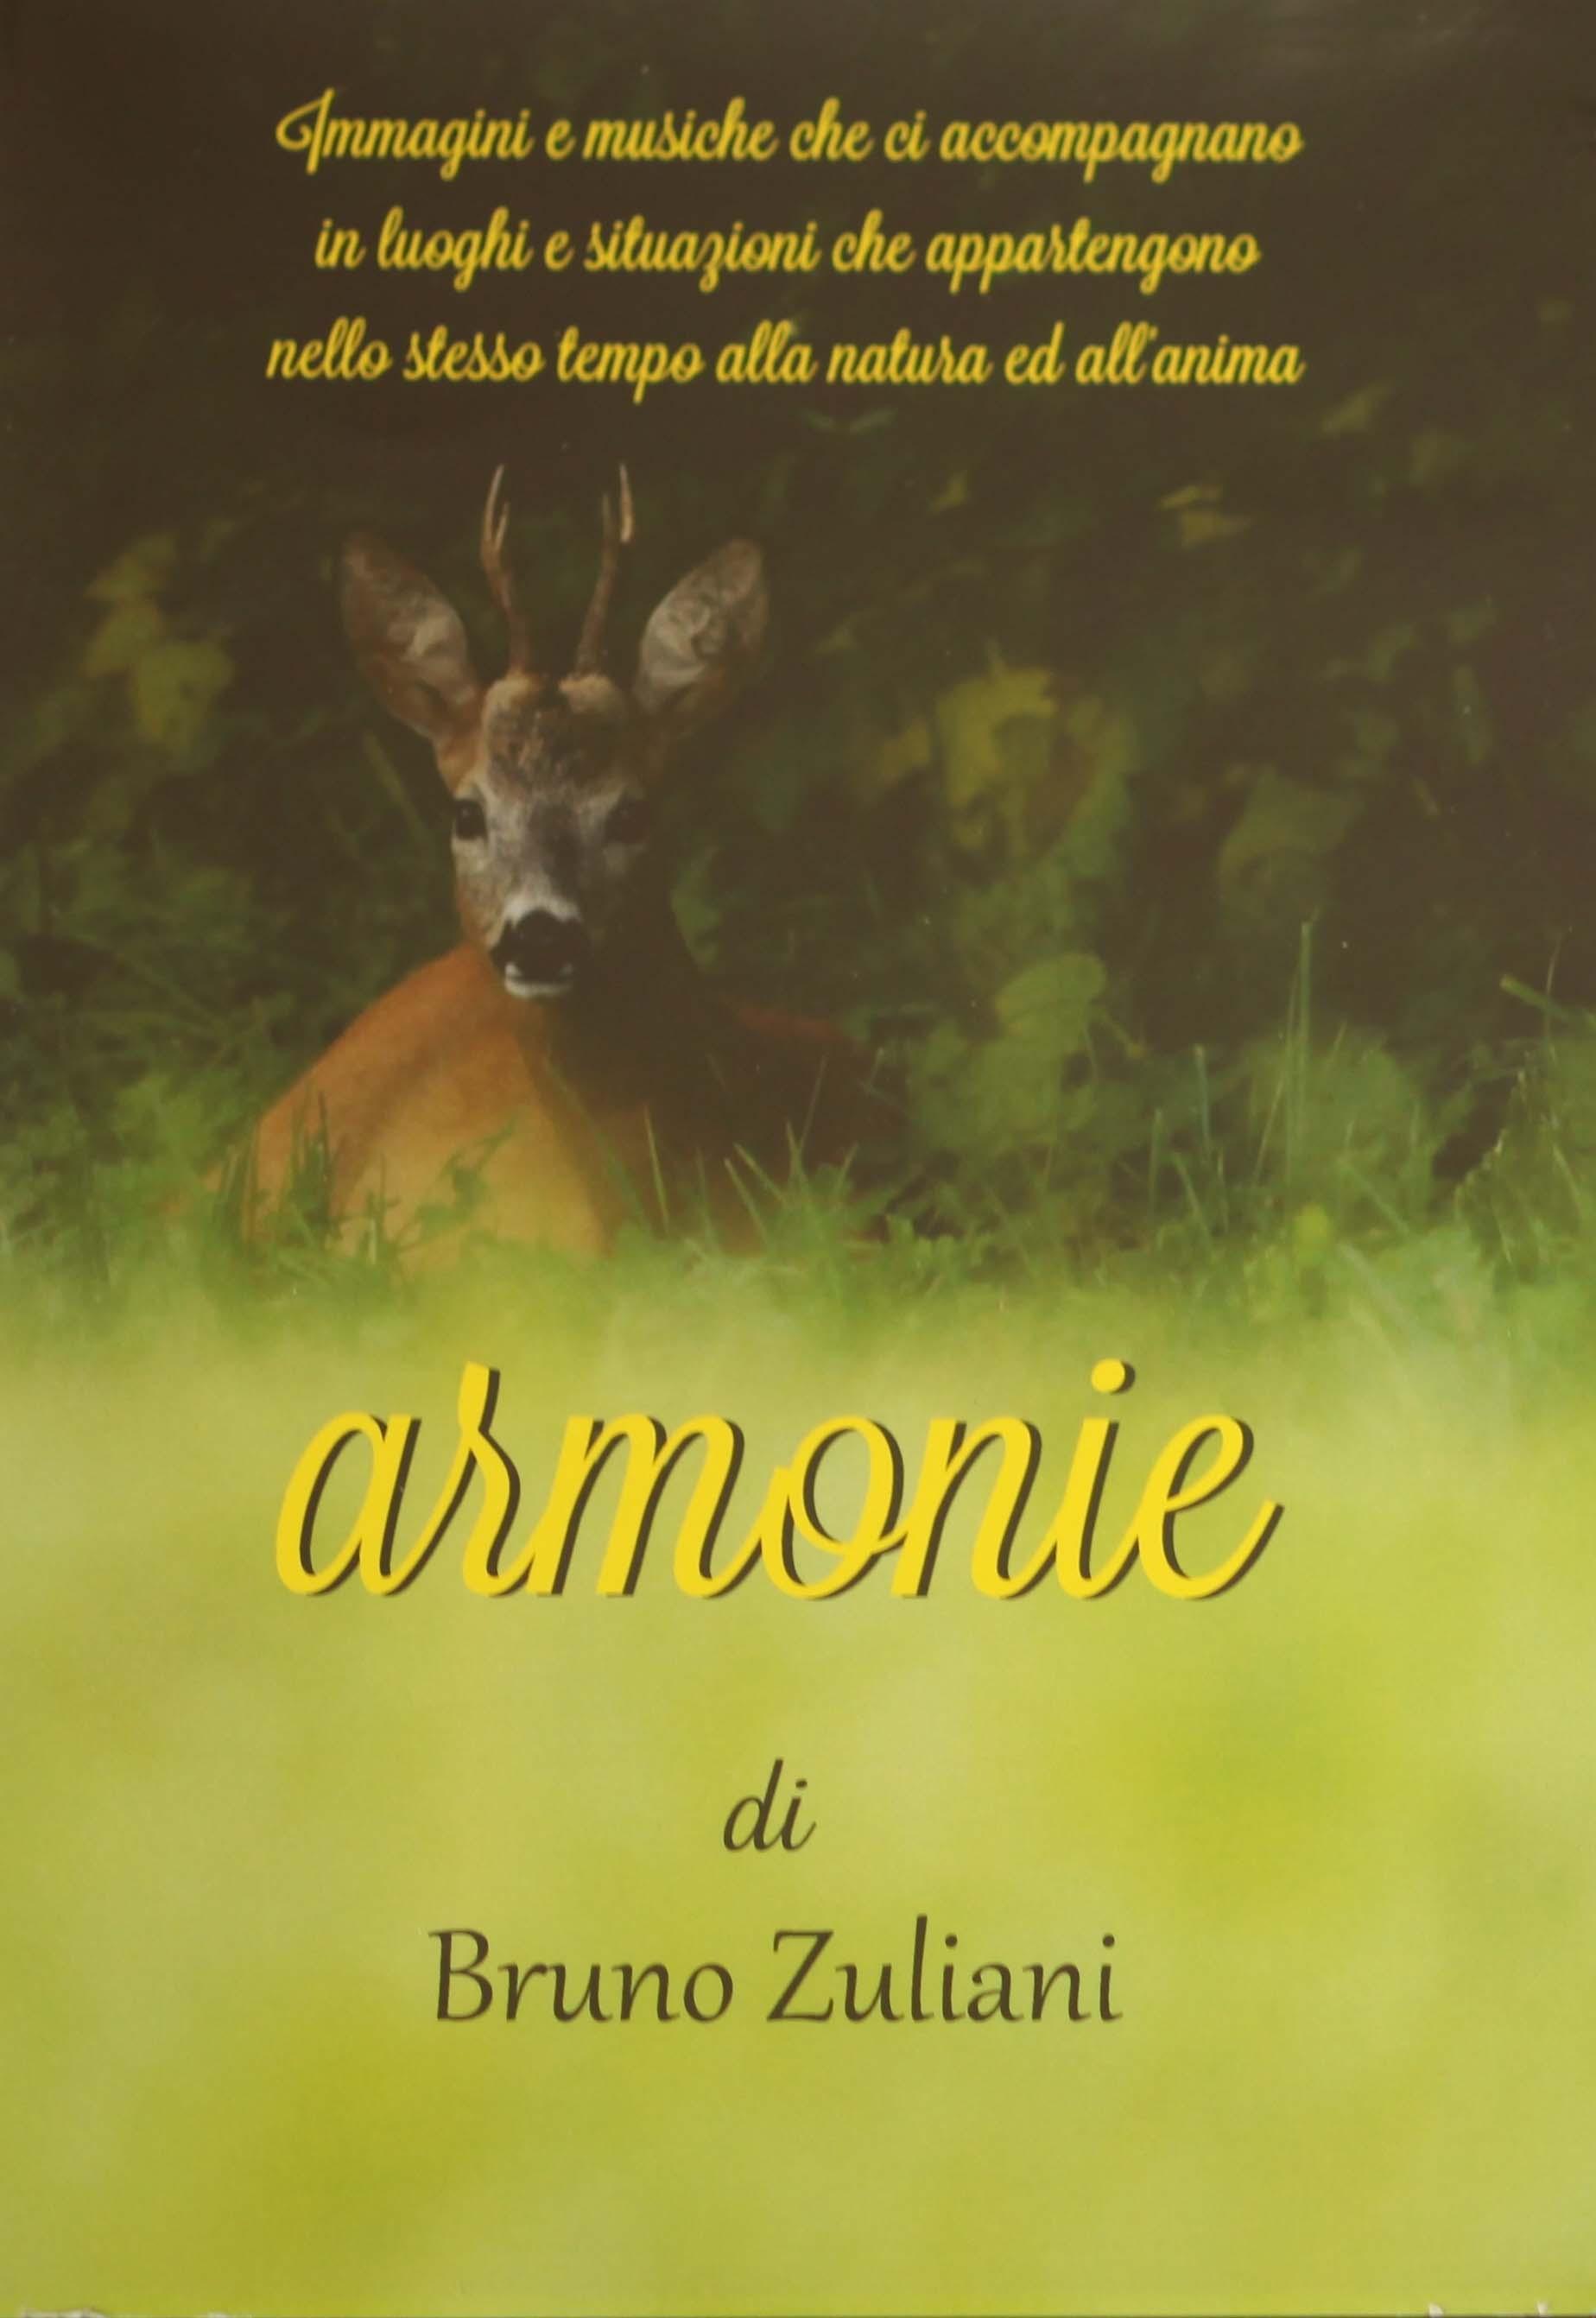 Armonie - Bruno Zuliani